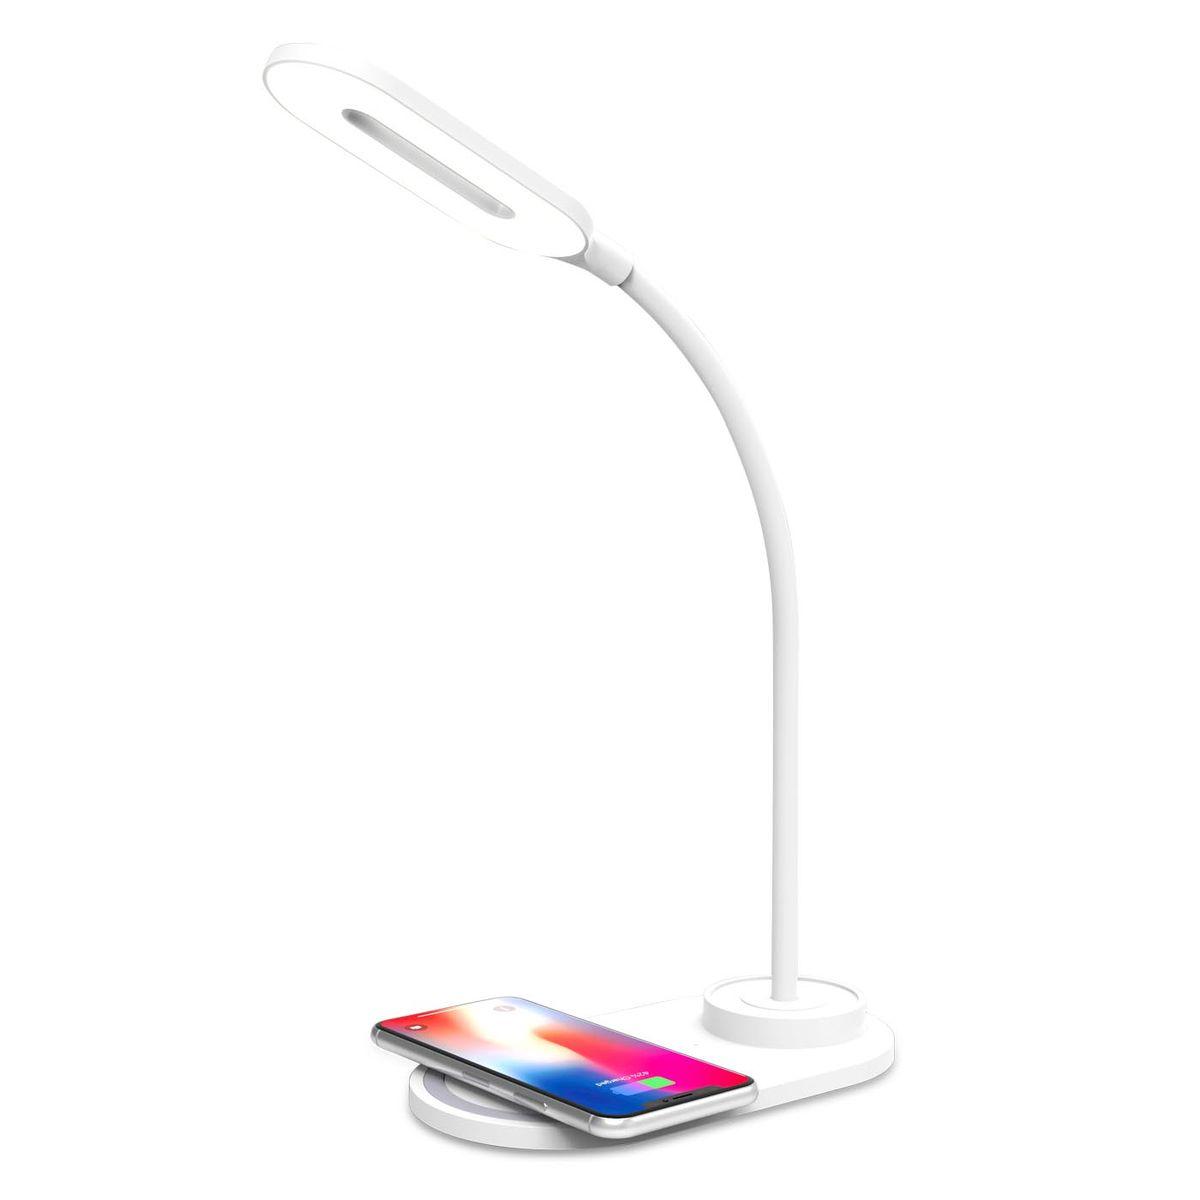 Настольная лампа Ambrella light DE588 Desk (Зарядная платформа)